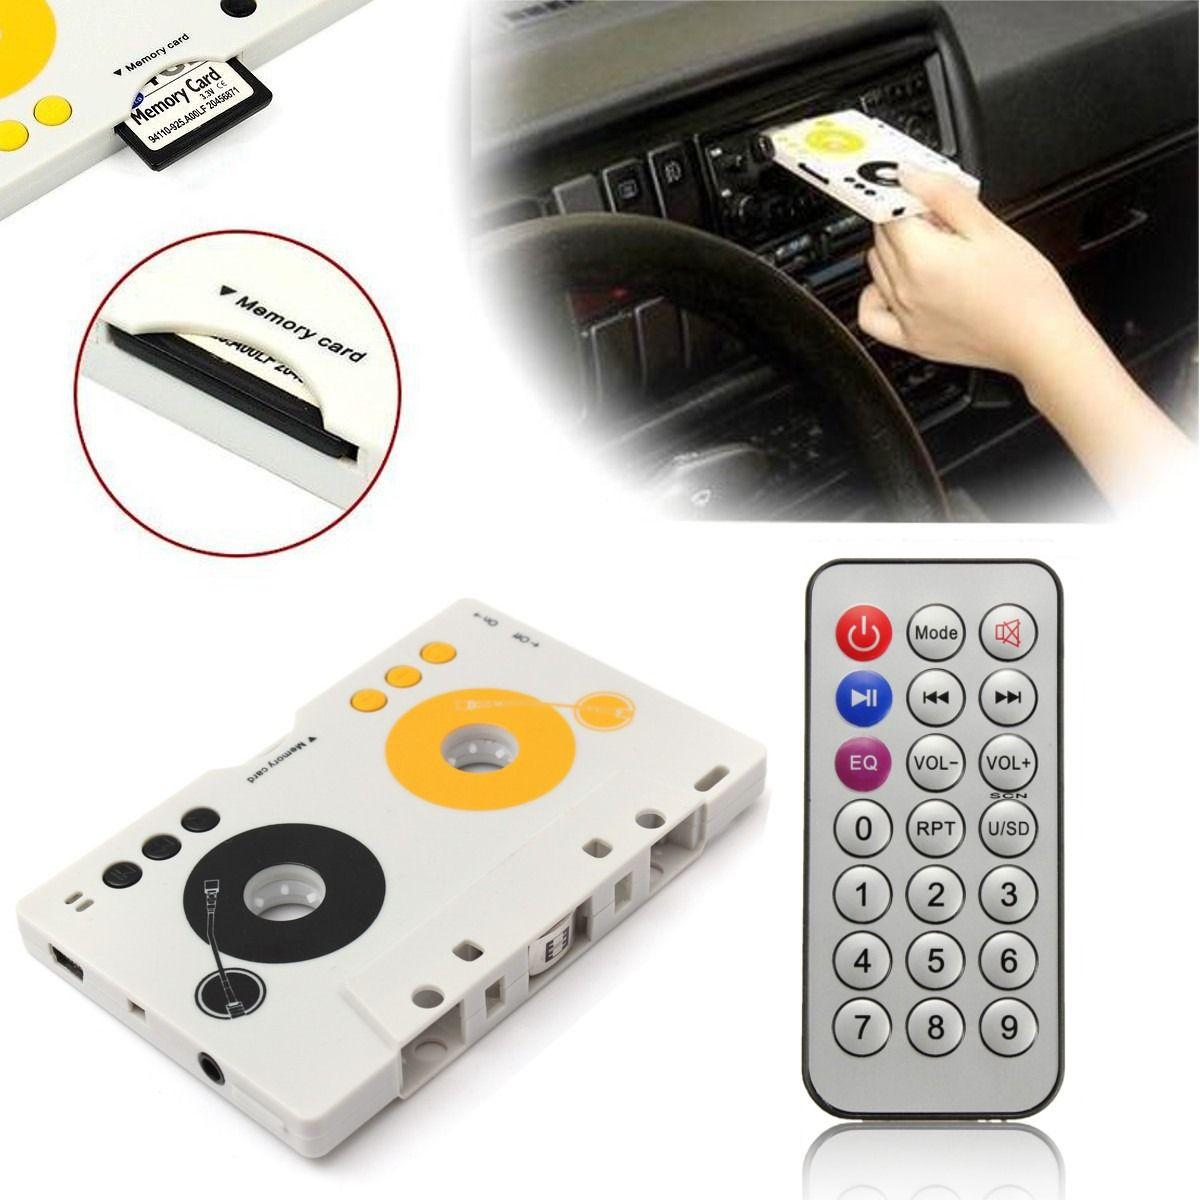 Портативный Винтаж кассеты автомобиля SD MMC MP3 Клейкие ленты адаптер игрока комплект с Дистанционное управление инструкция стерео аудио кас...